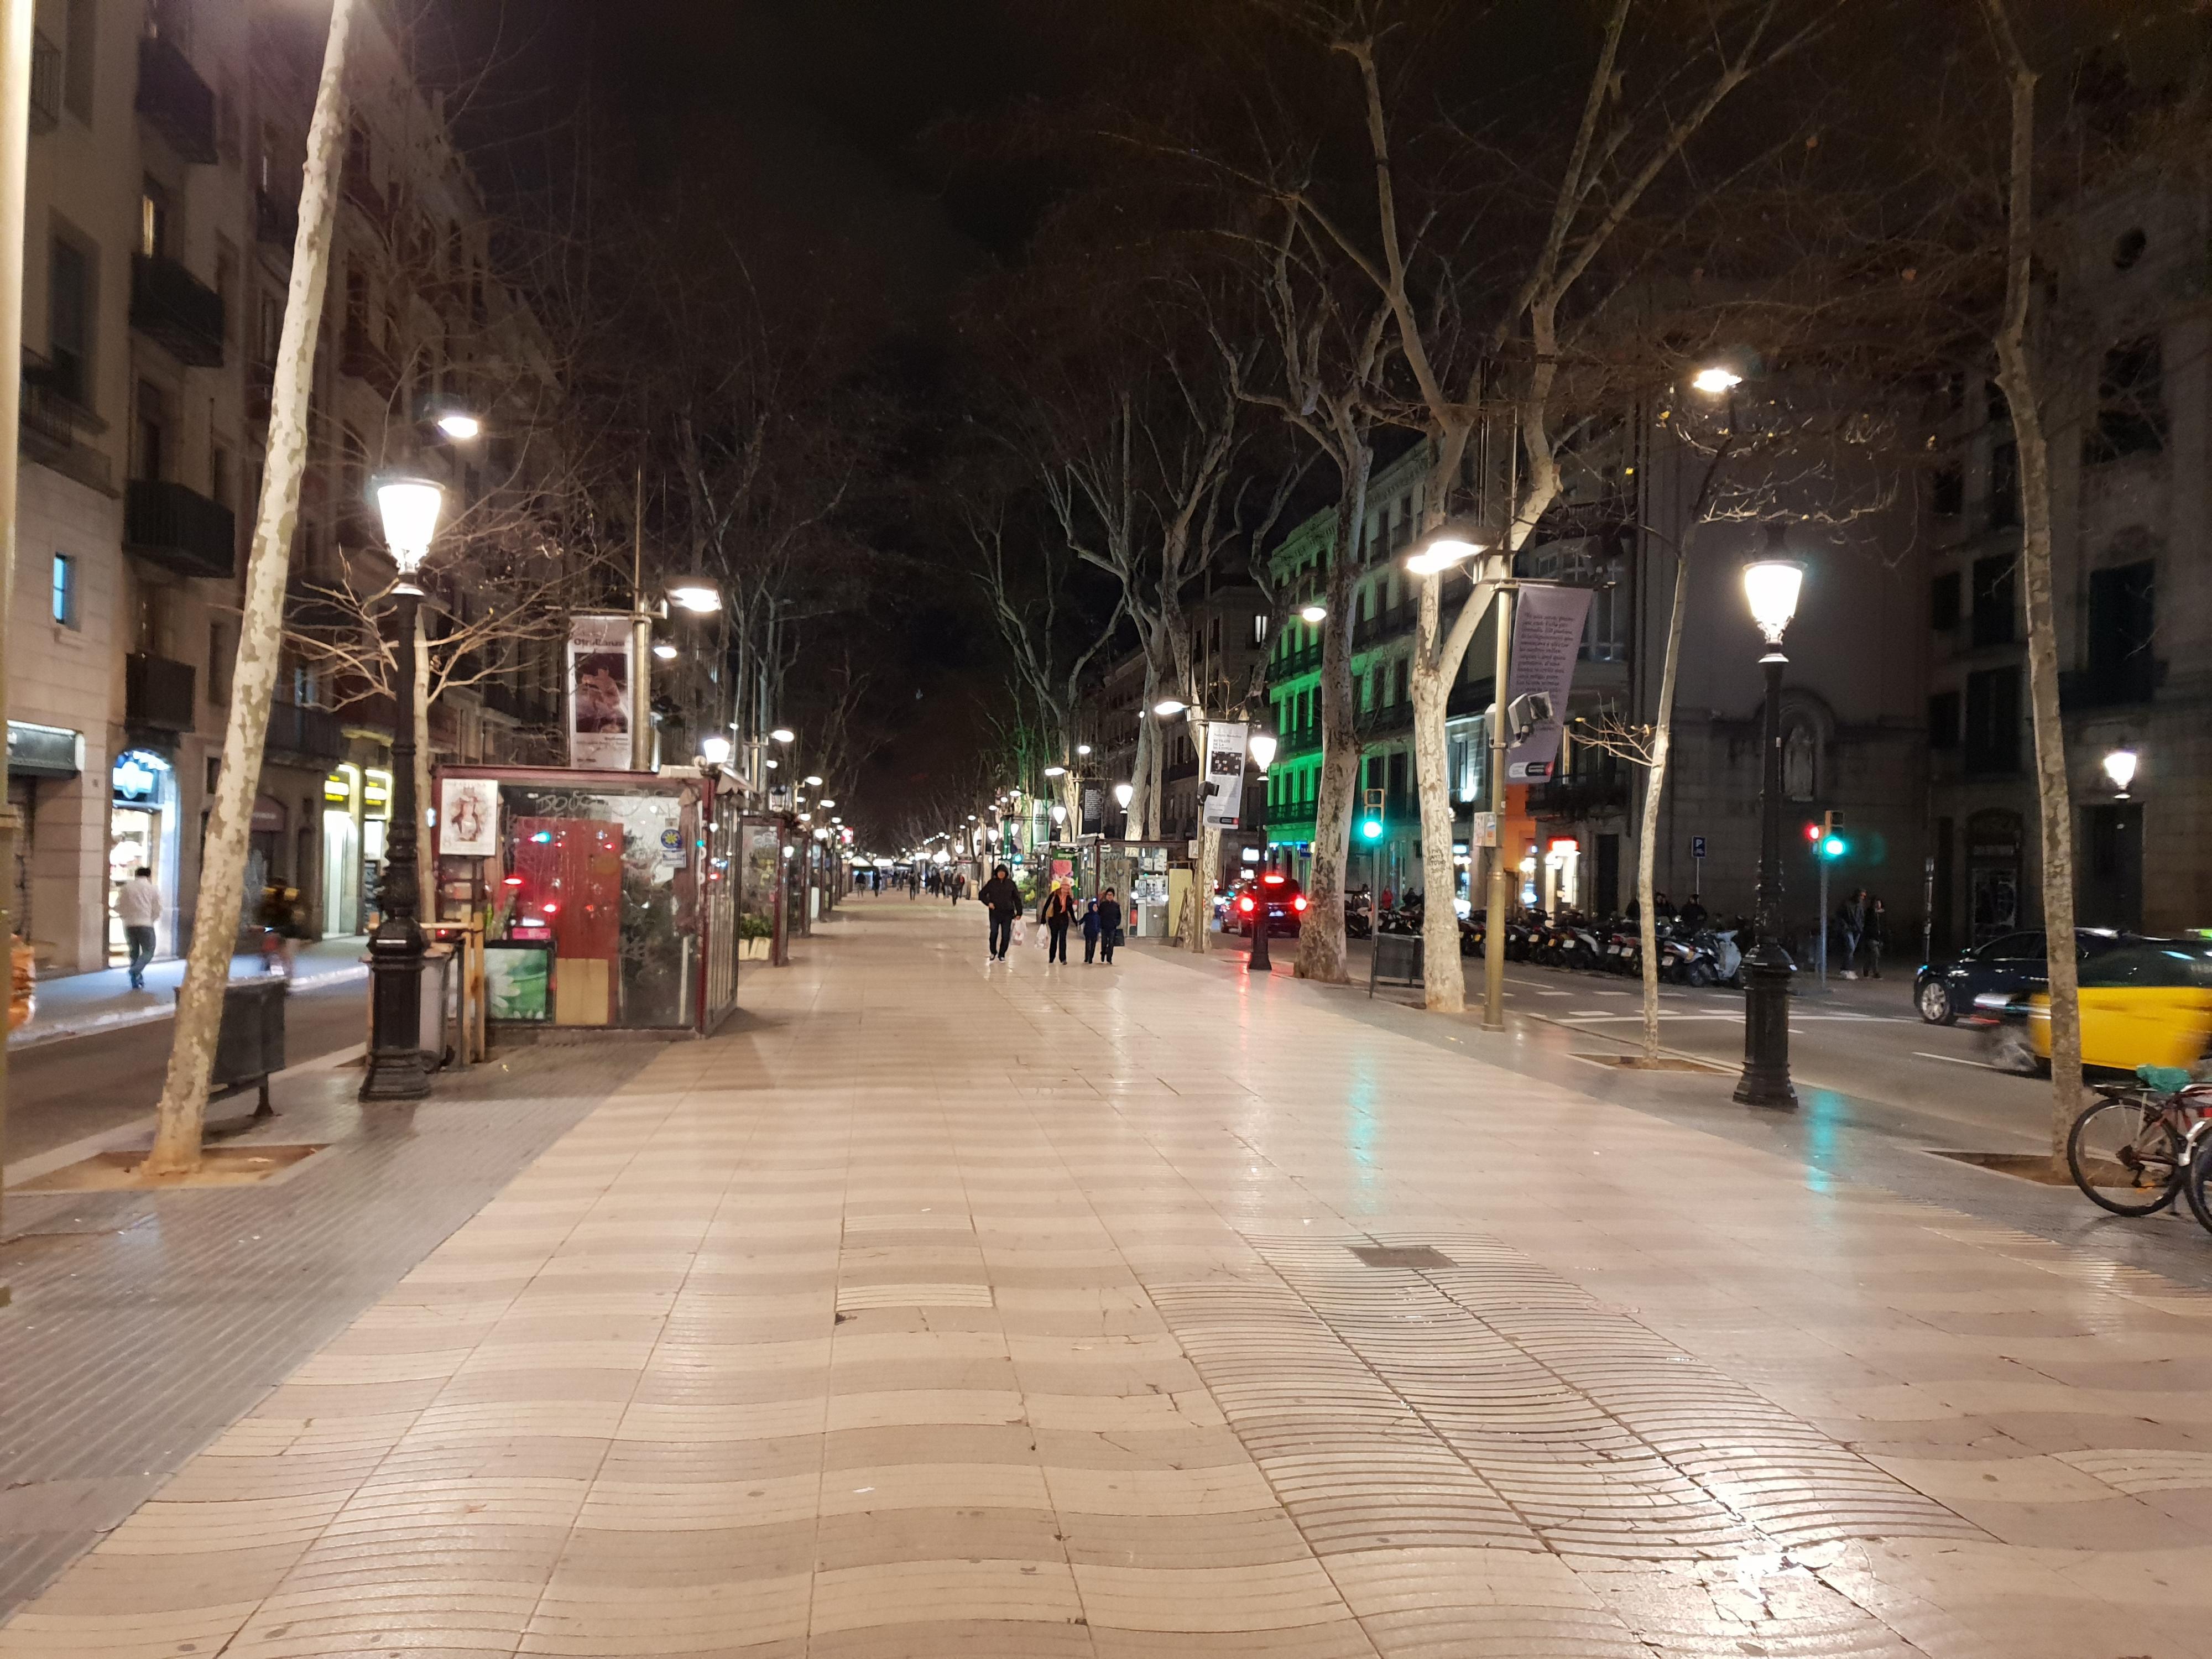 Gaten i Barcelona om kvelden.